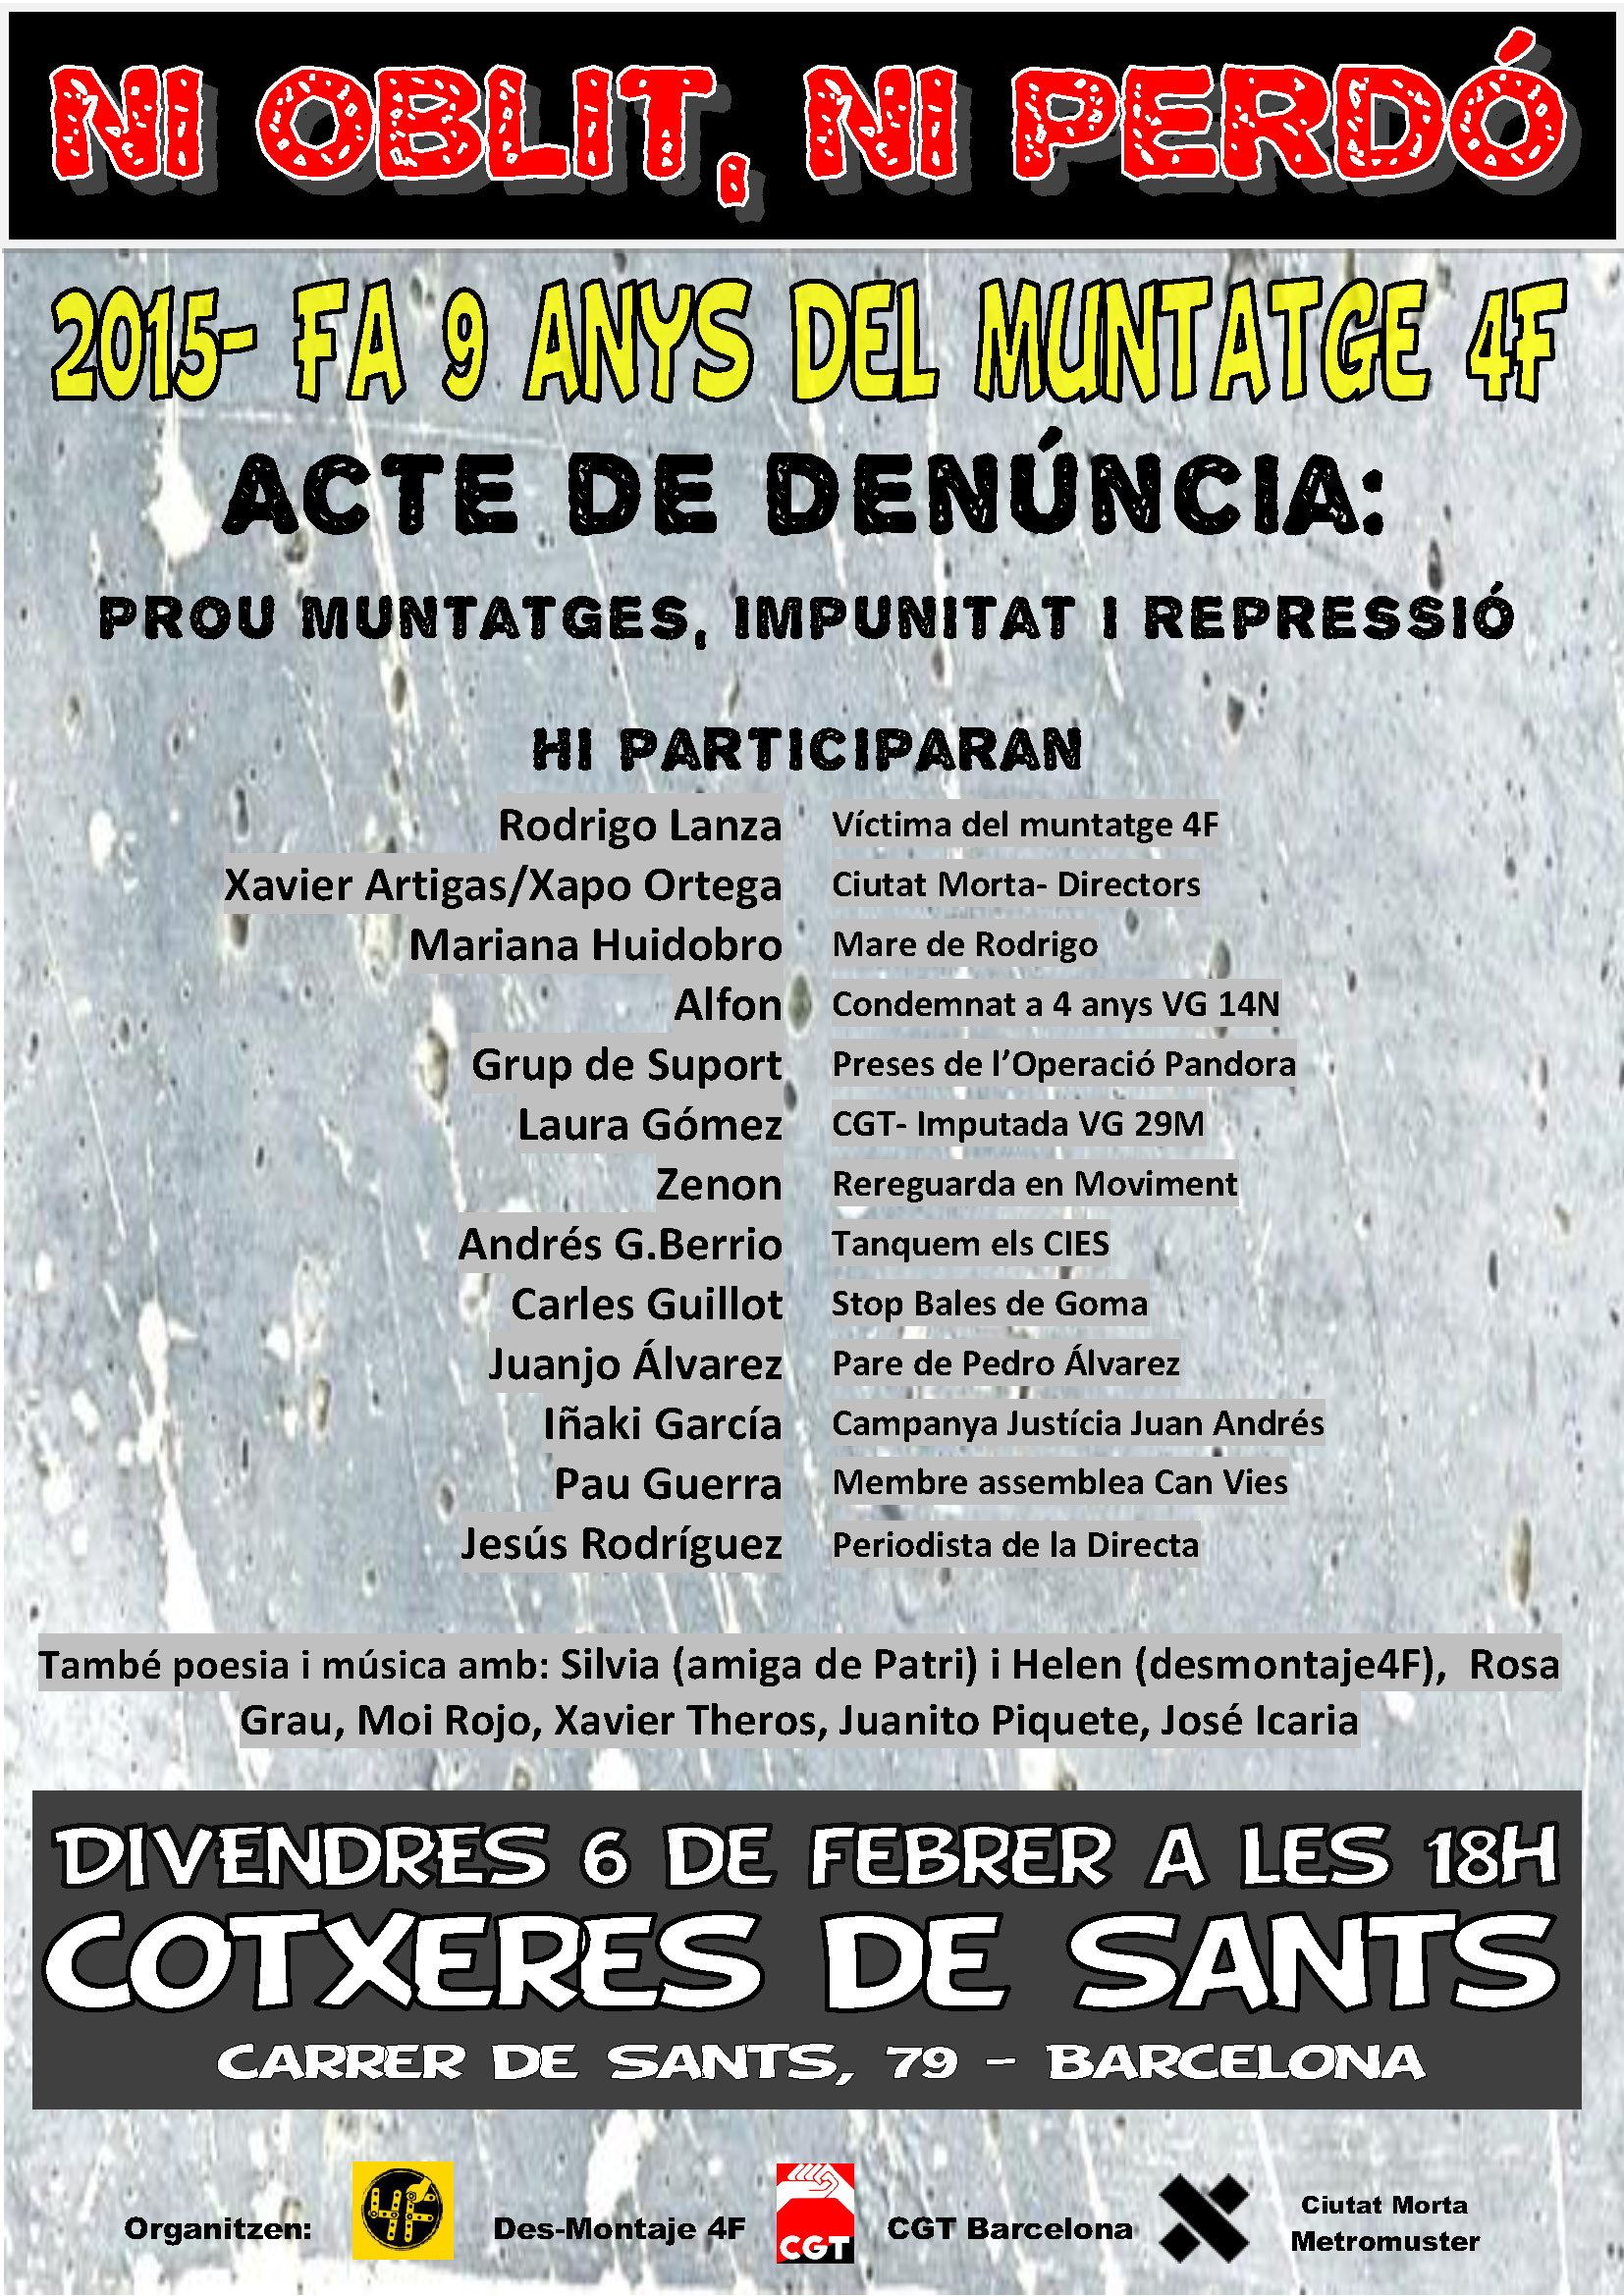 LA HISTORIA DE PATRICIA HERAS - Página 5 Arton3999